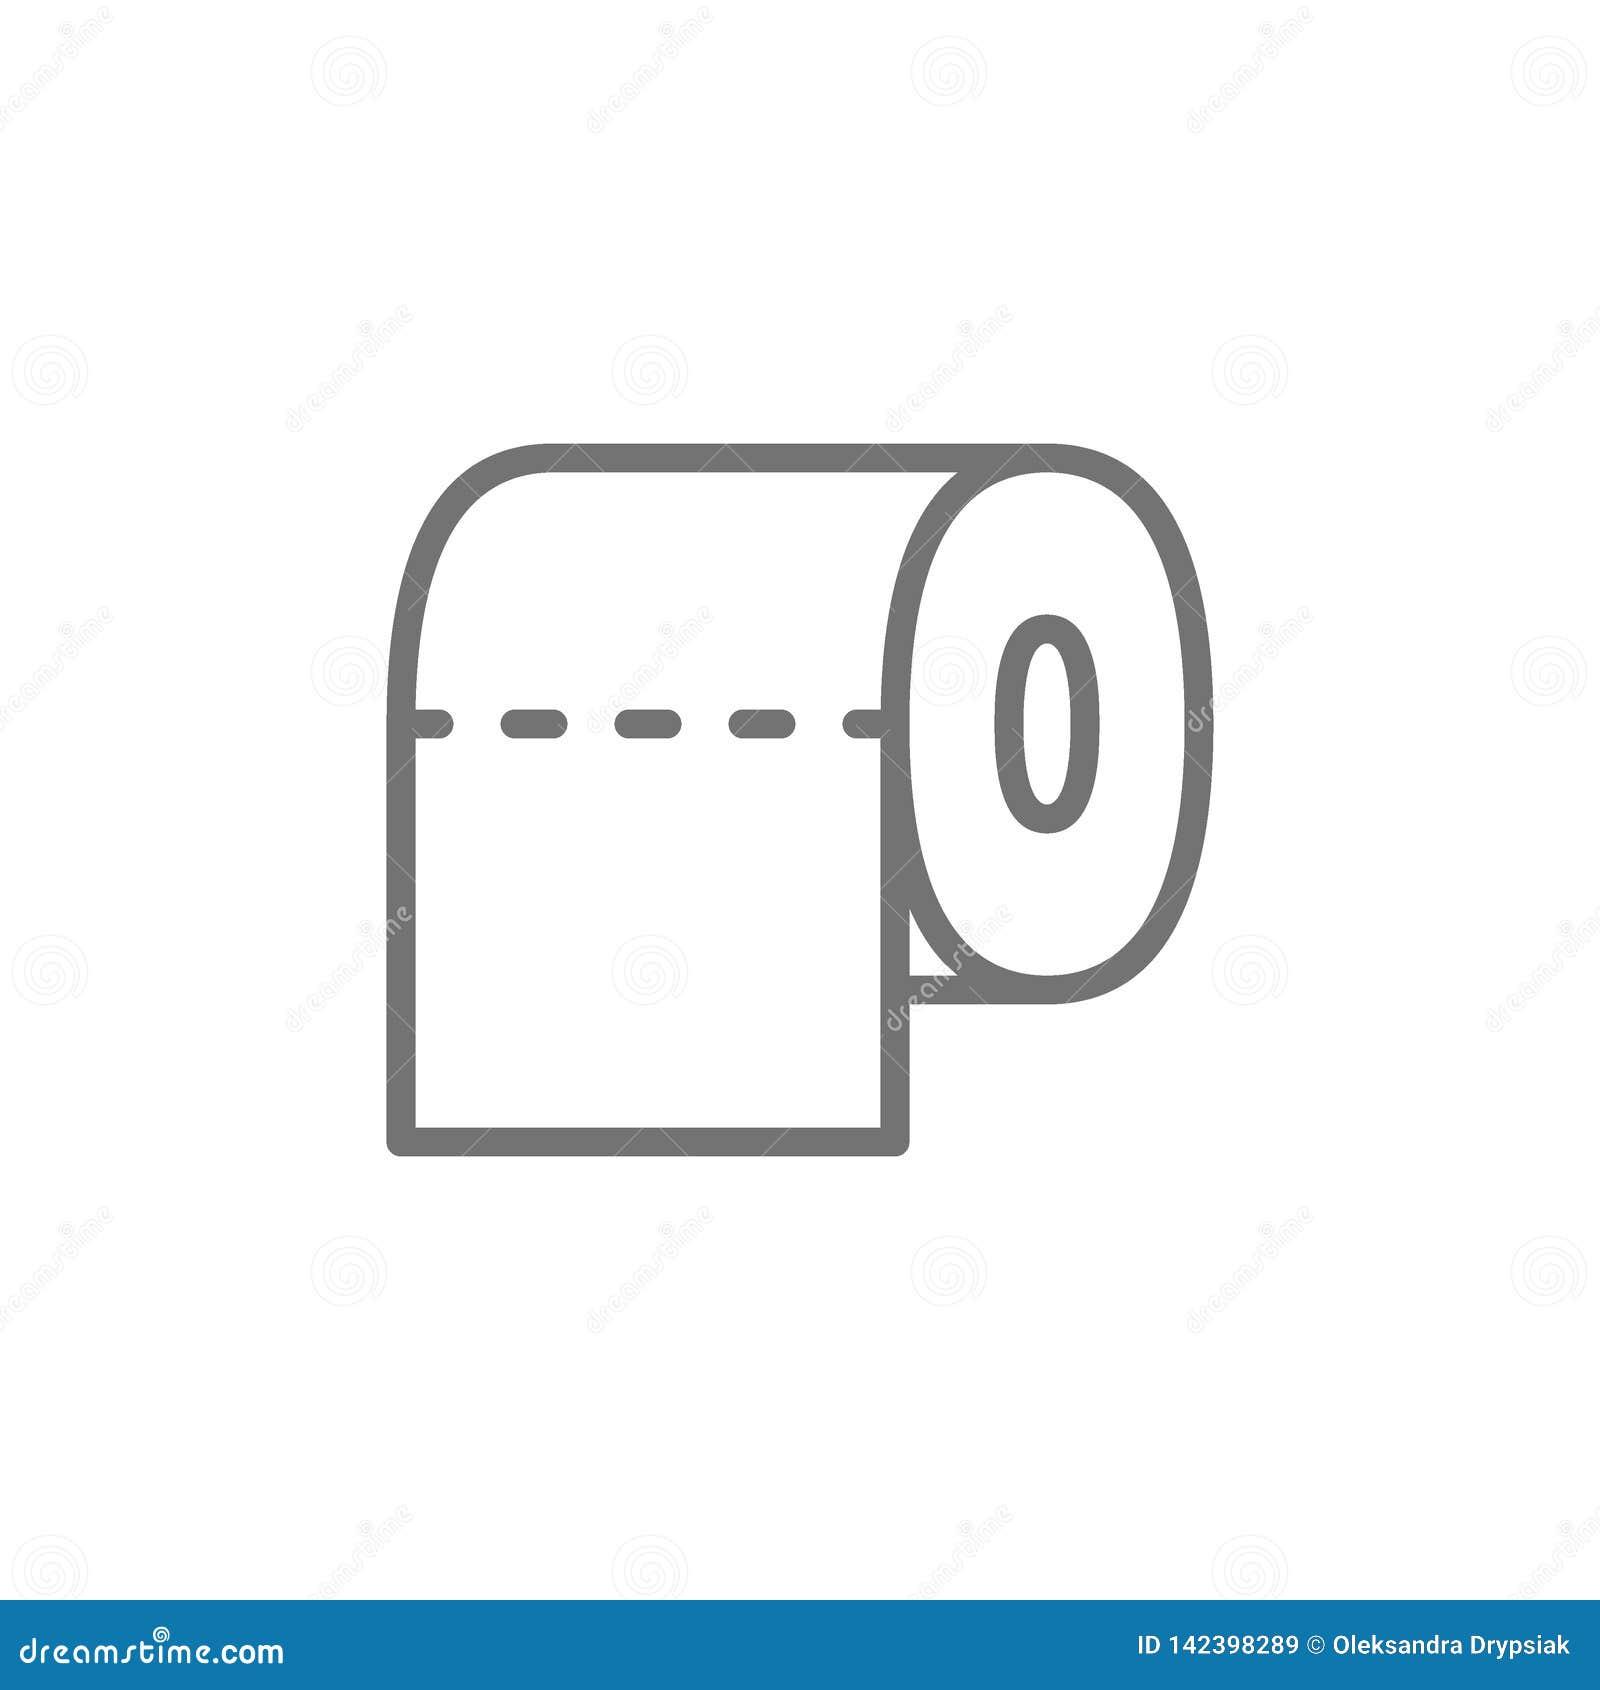 Toiletpapier, het pictogram van de badkamerslijn